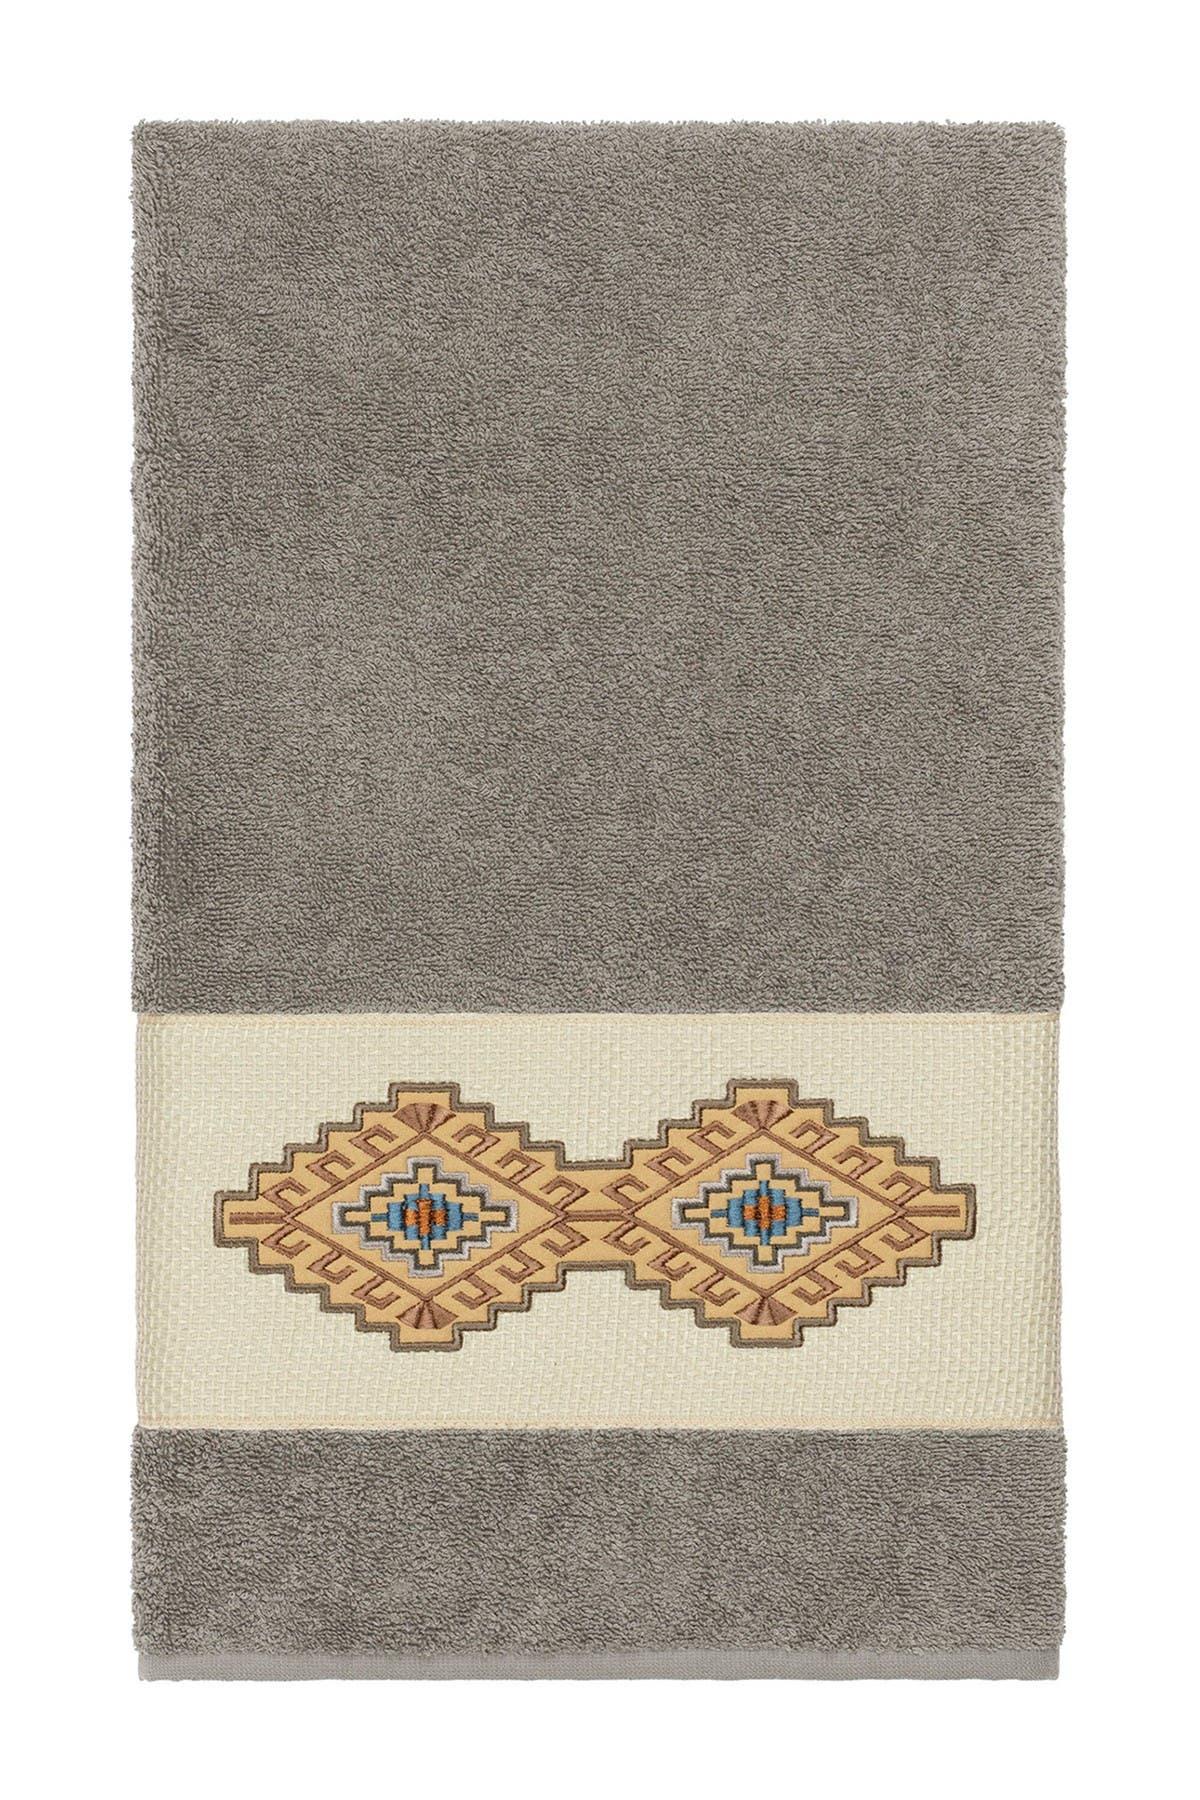 Image of LINUM HOME Gianna Embellished Bath Towel - Dark Grey